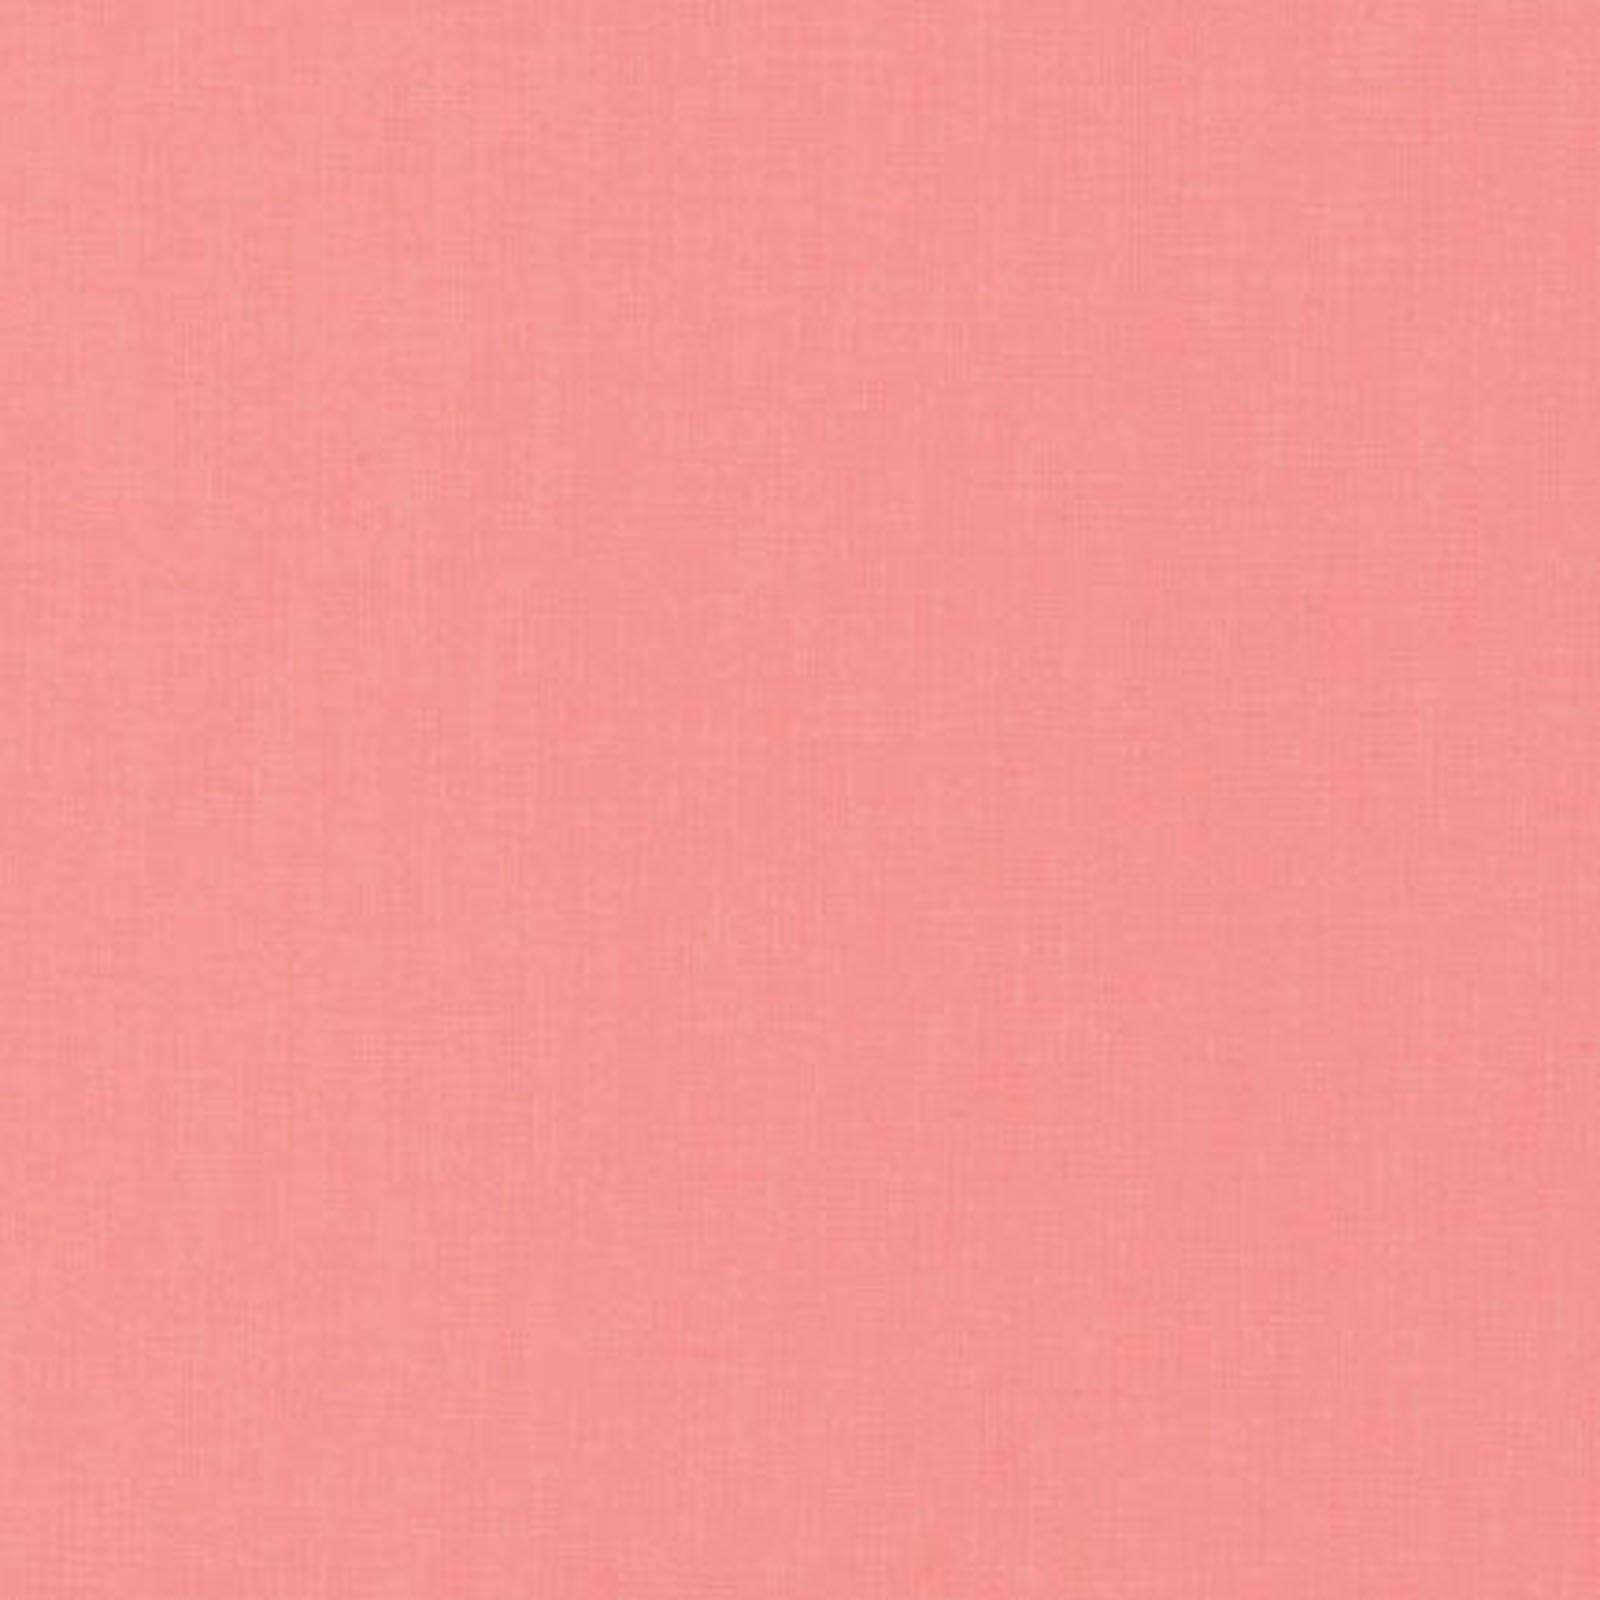 Solid - Charlotte Pink 9617-226<br/>RJR